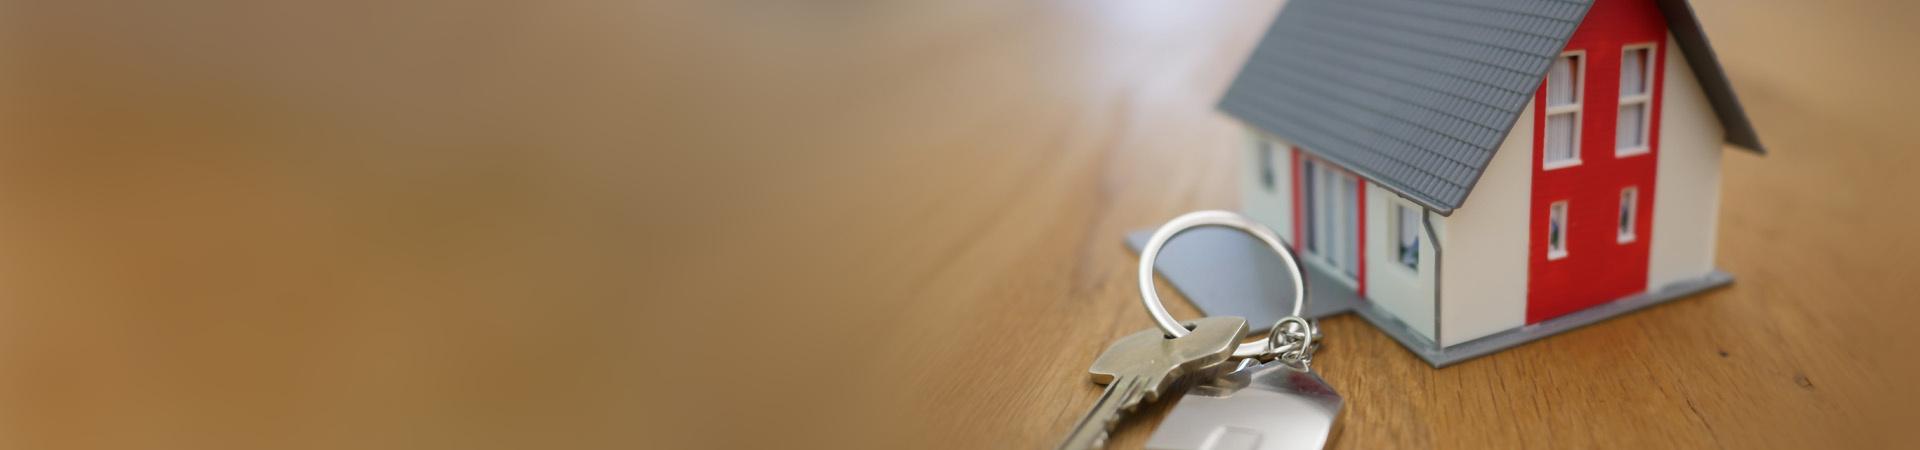 离婚房产分割律师24小时免费在线咨询